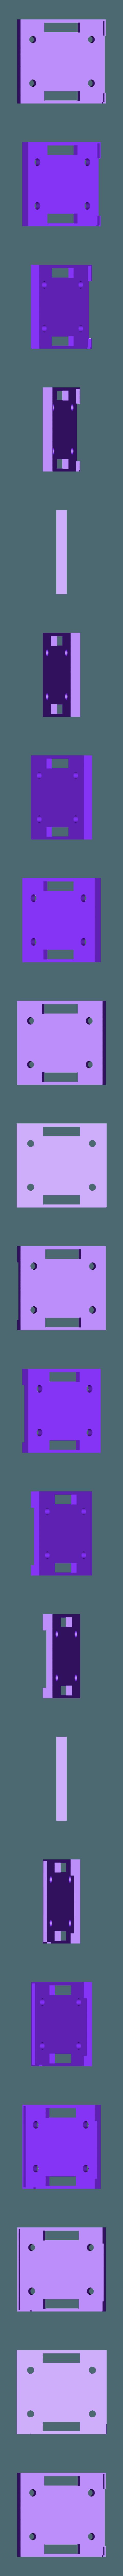 Part-Teil 05 Foot holder - Fusshalter.stl Download free STL file BBQ Fan Extension for Gearbox 256 / Grillgebläse Erweiterung für Getriebe 256 • 3D print design, CONSTRUCTeR